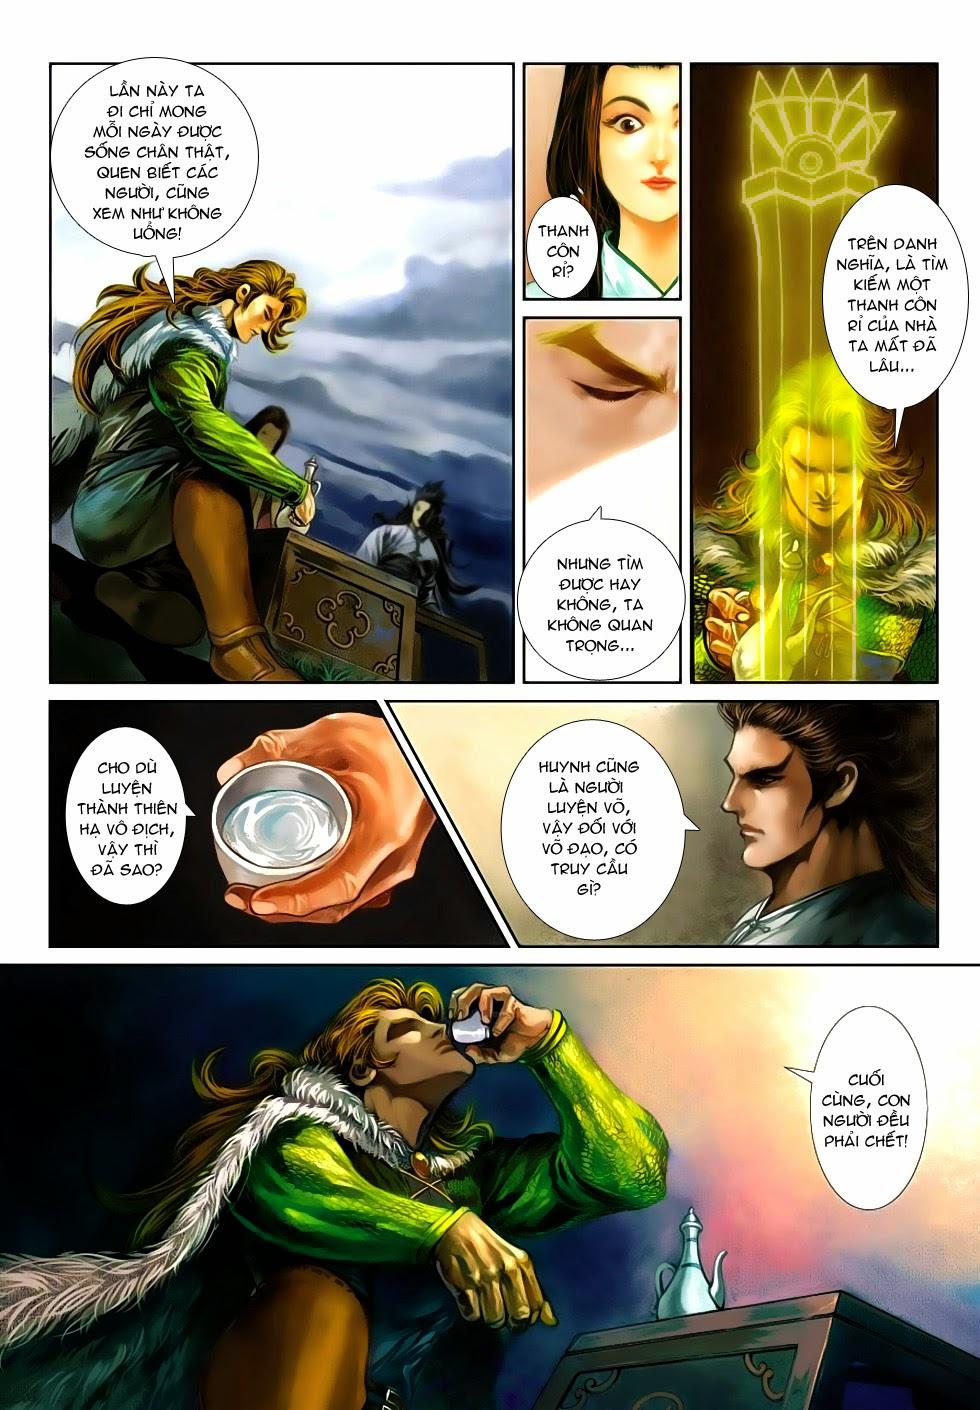 Thần Binh Tiền Truyện 4 - Huyền Thiên Tà Đế chap 5 - Trang 24